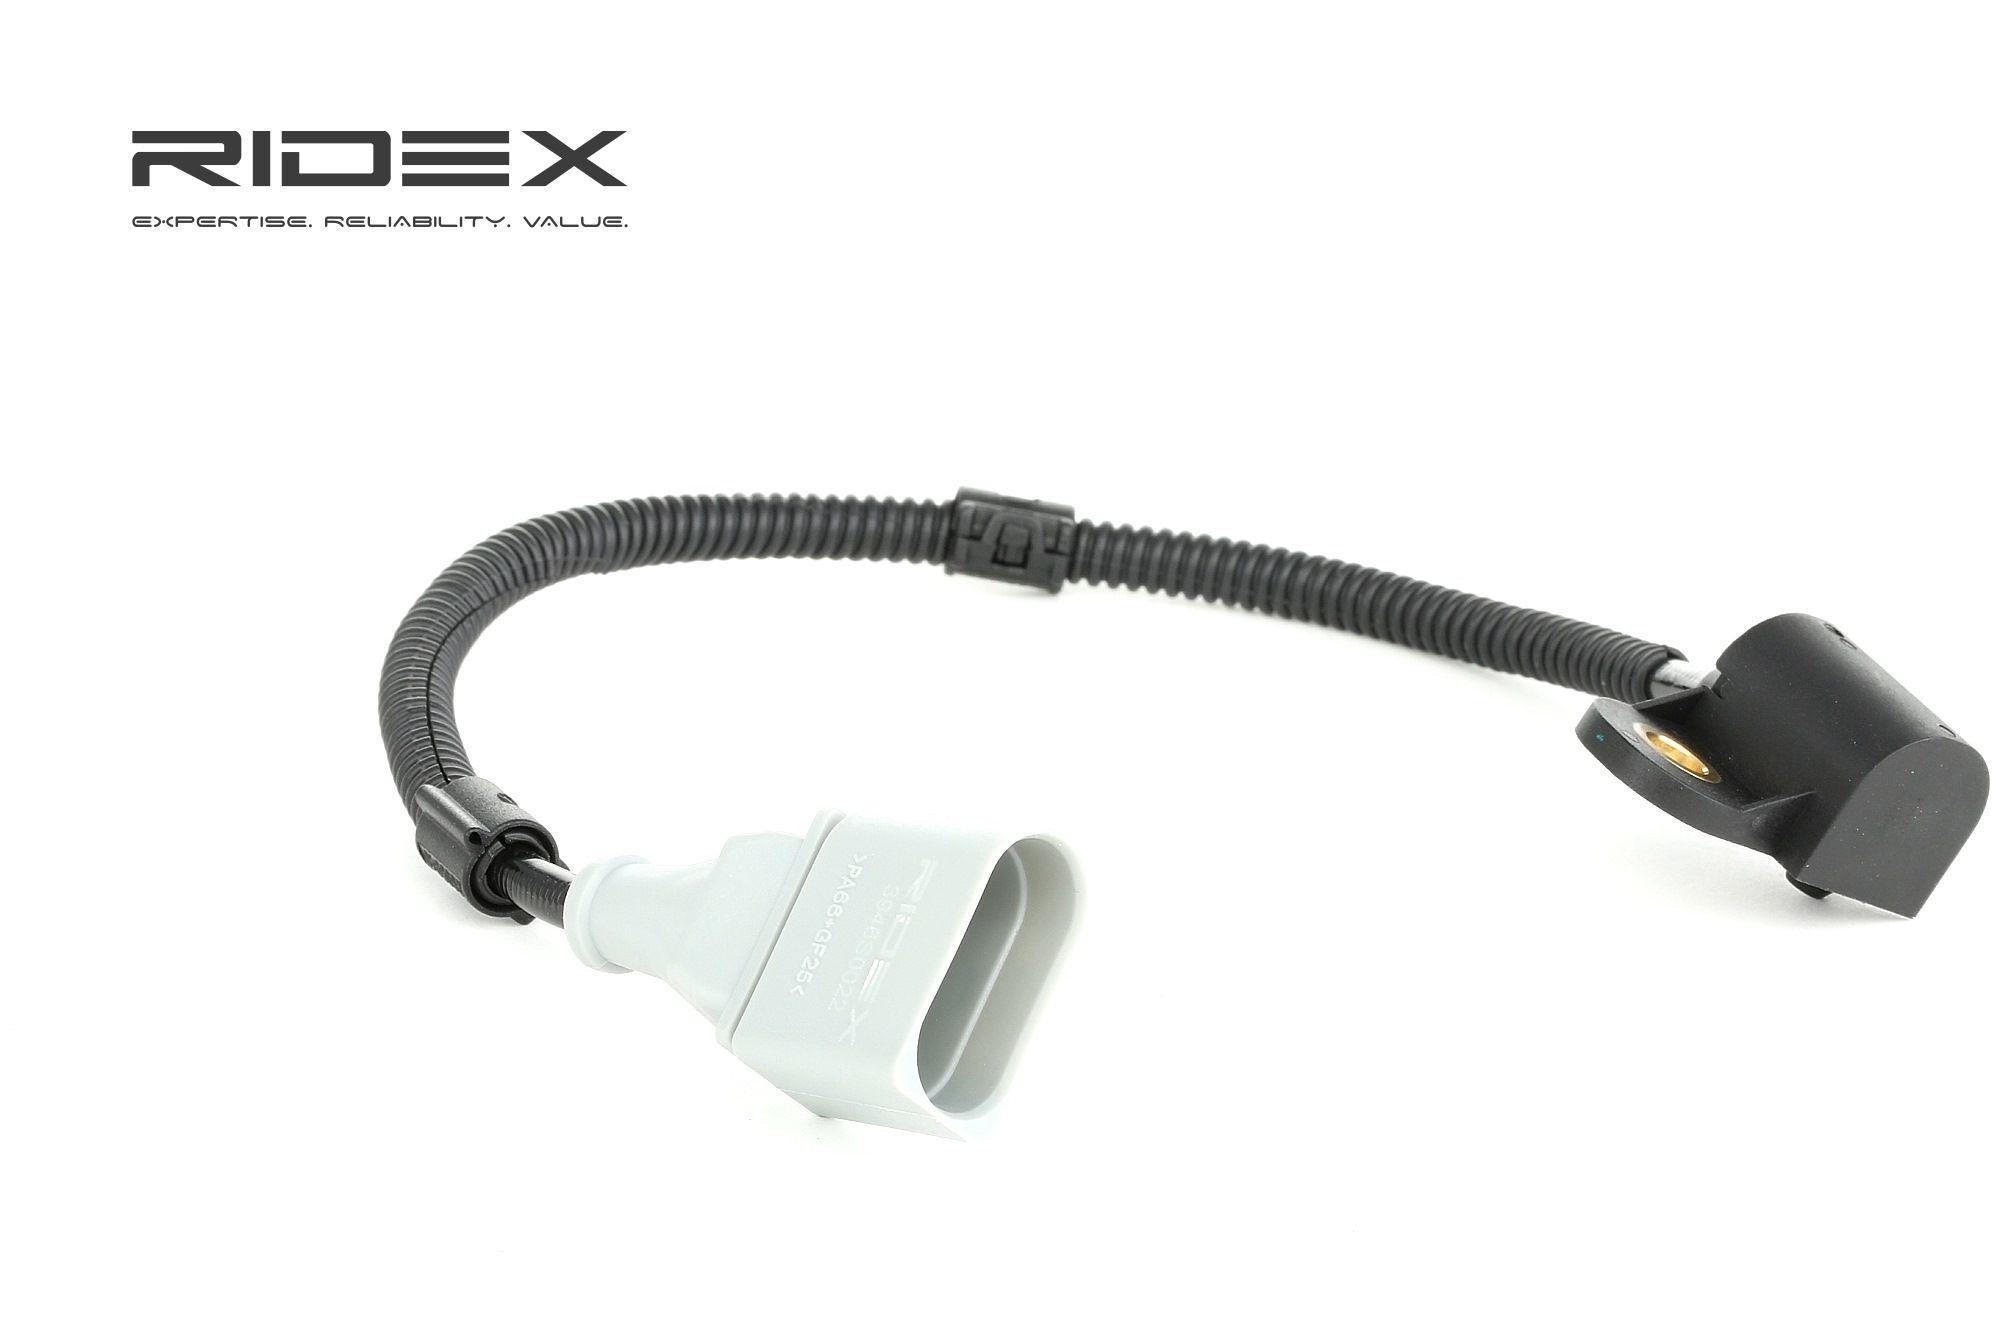 RIDEX: Original Impulsgeber Nockenwelle 3946S0022 (Pol-Anzahl: 3-polig, Kabellänge: 270, 350mm)